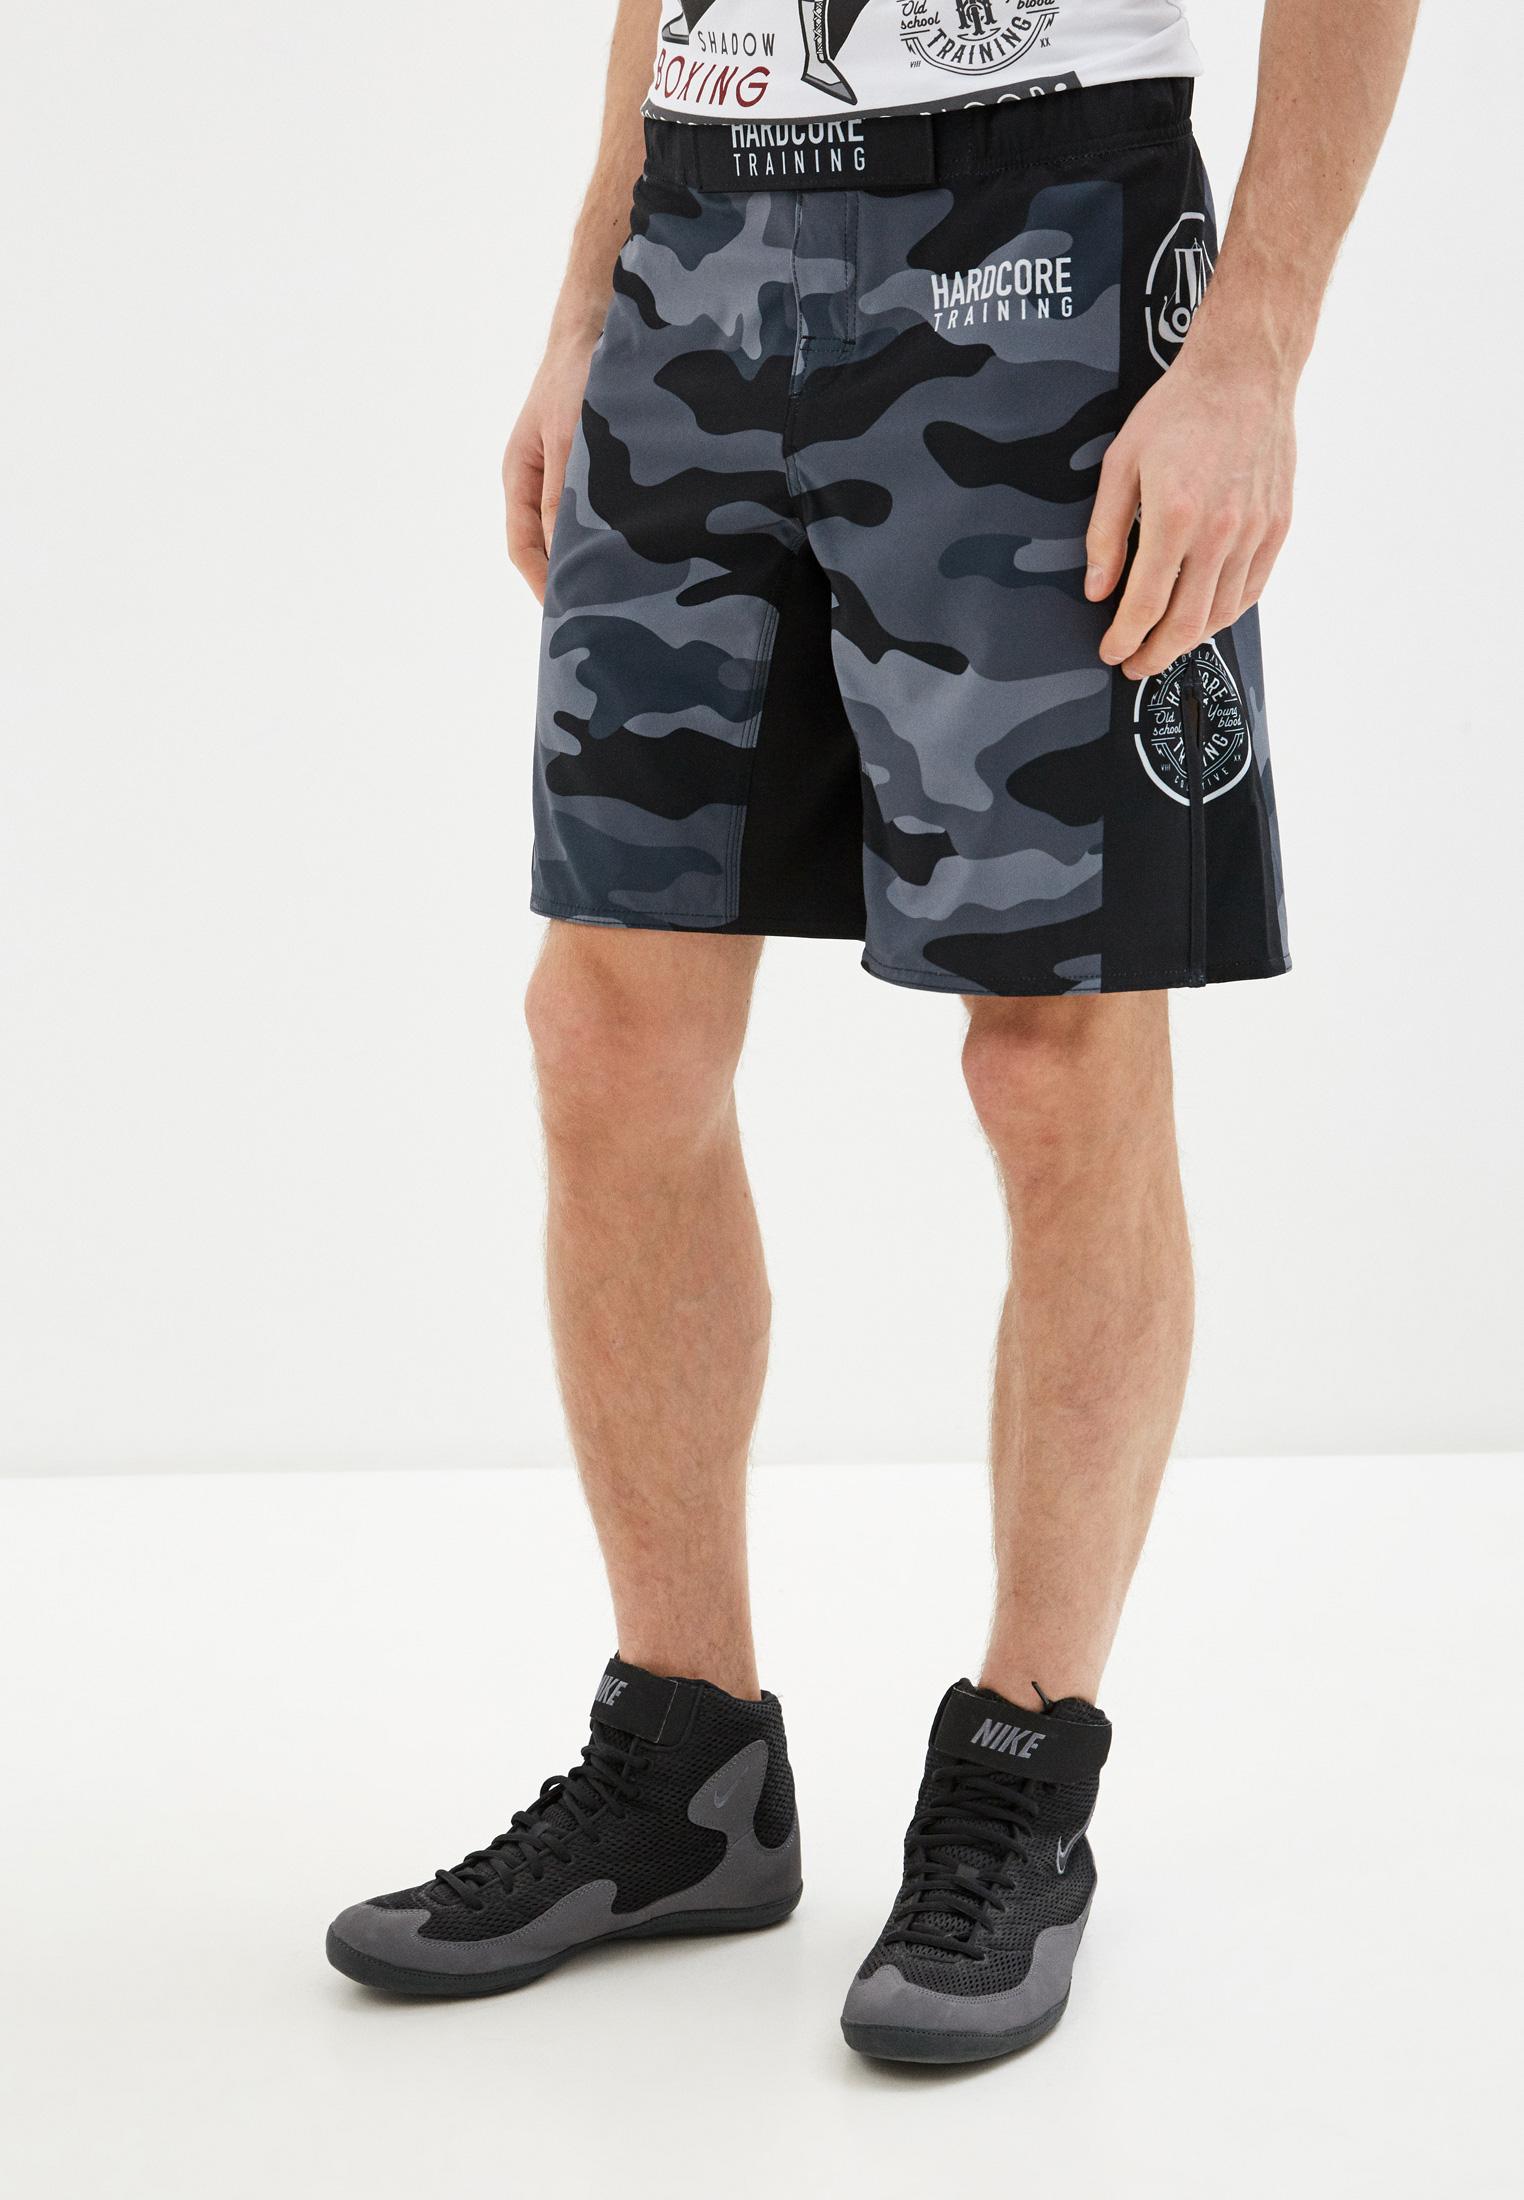 Мужские шорты Hardcore Training hctshorts0103